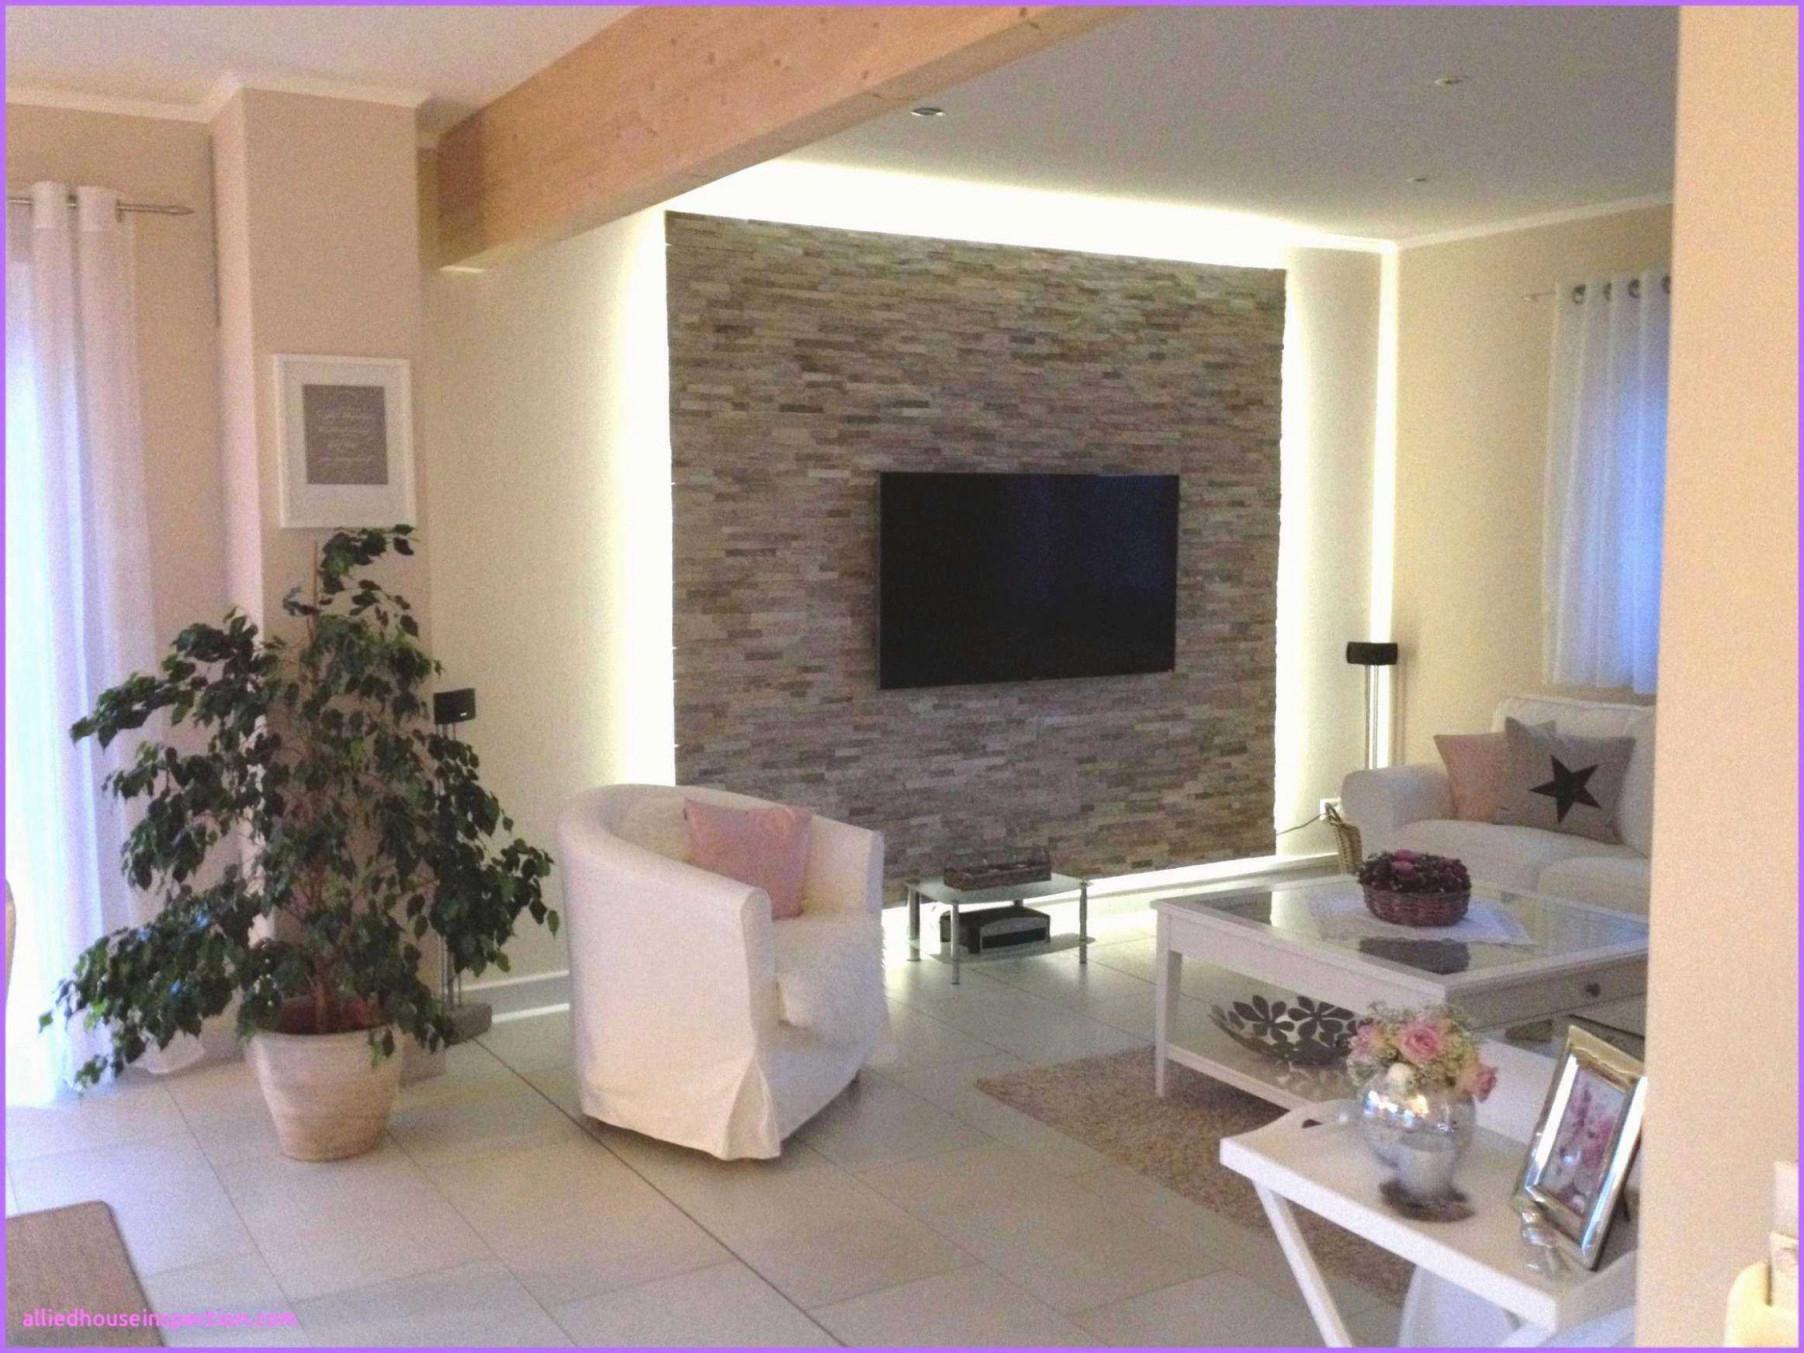 Wohnzimmer Deko Wand  Steinwand Wohnzimmer Wohnzimmer von Wohnzimmer Deko Wand Bild